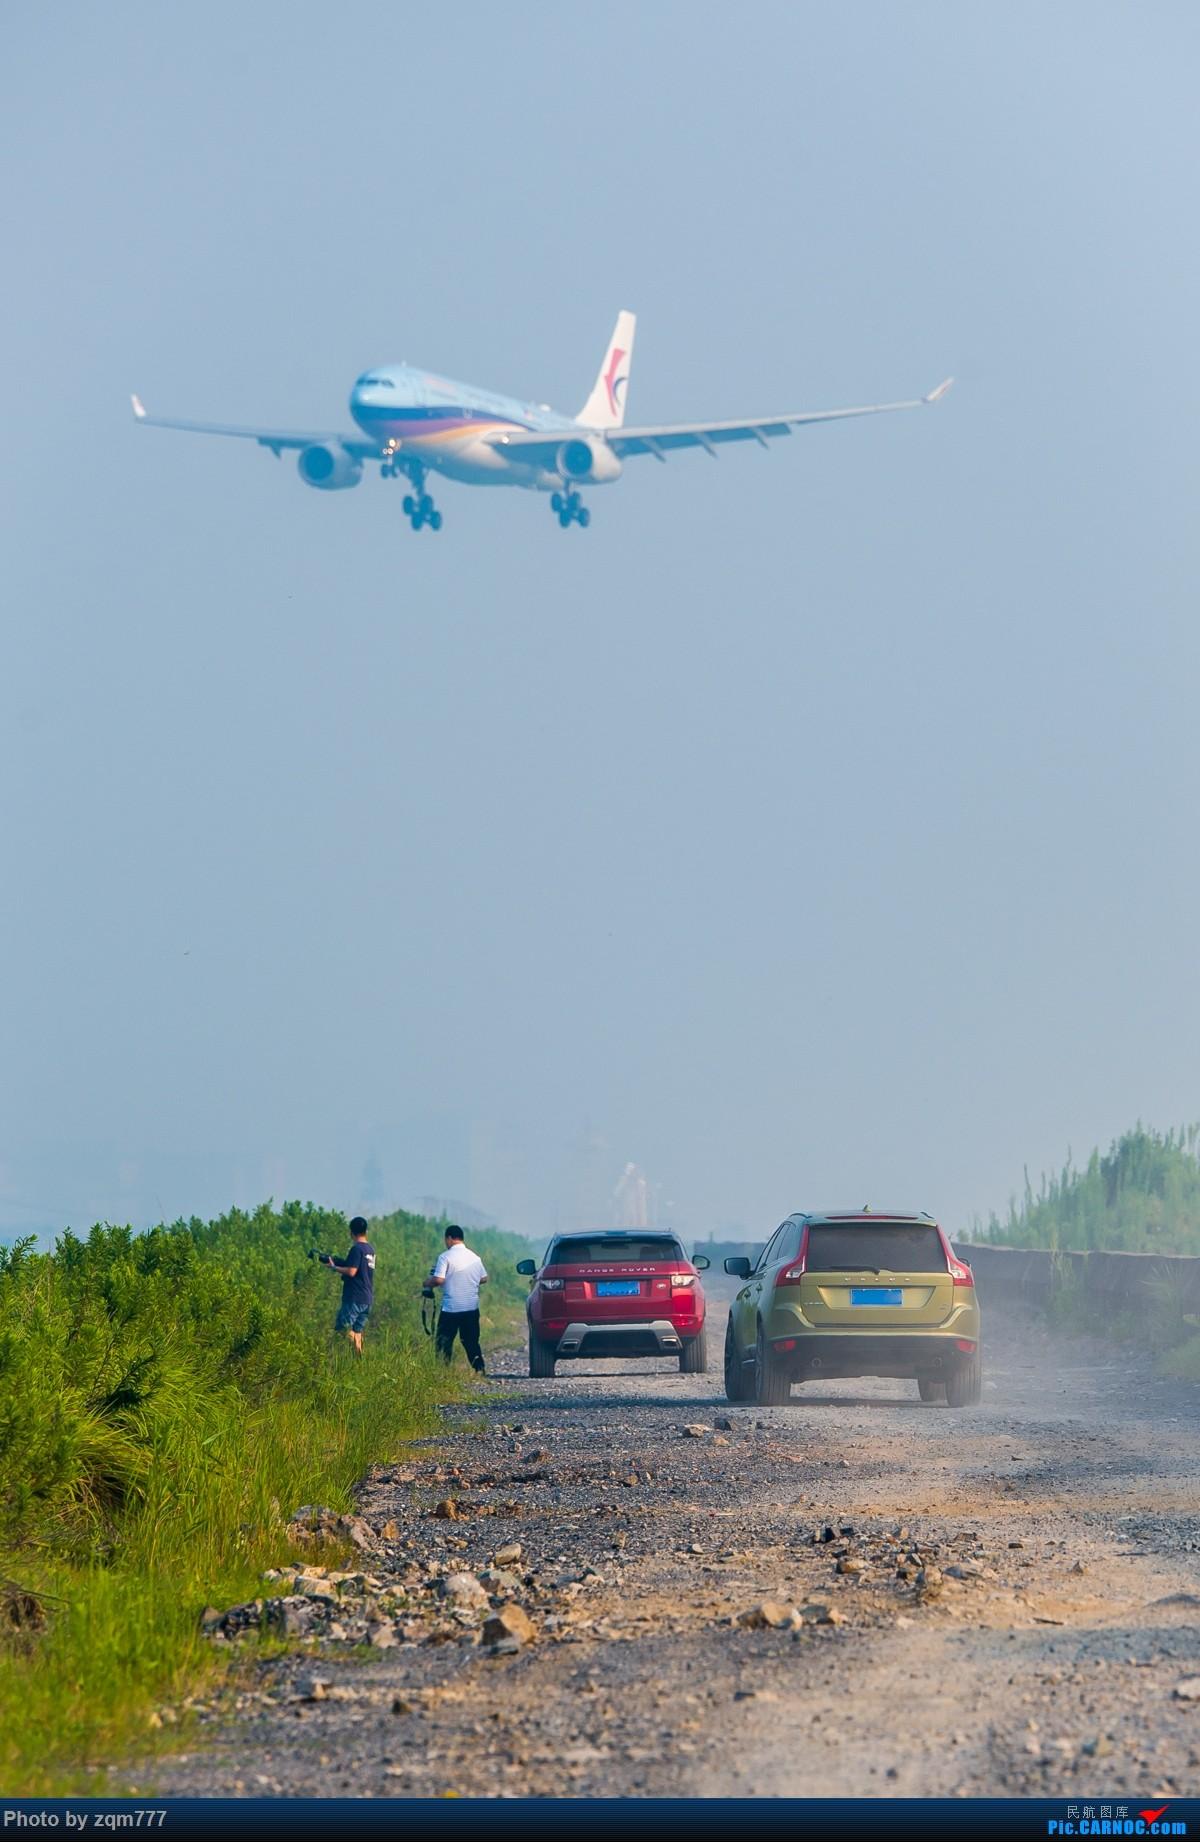 Re:[原创]2018.7.28-30沪深港拍机三日游,体验上海航空767倒数第七班正班航班 AIRBUS A330-200 B-5943 中国上海浦东国际机场